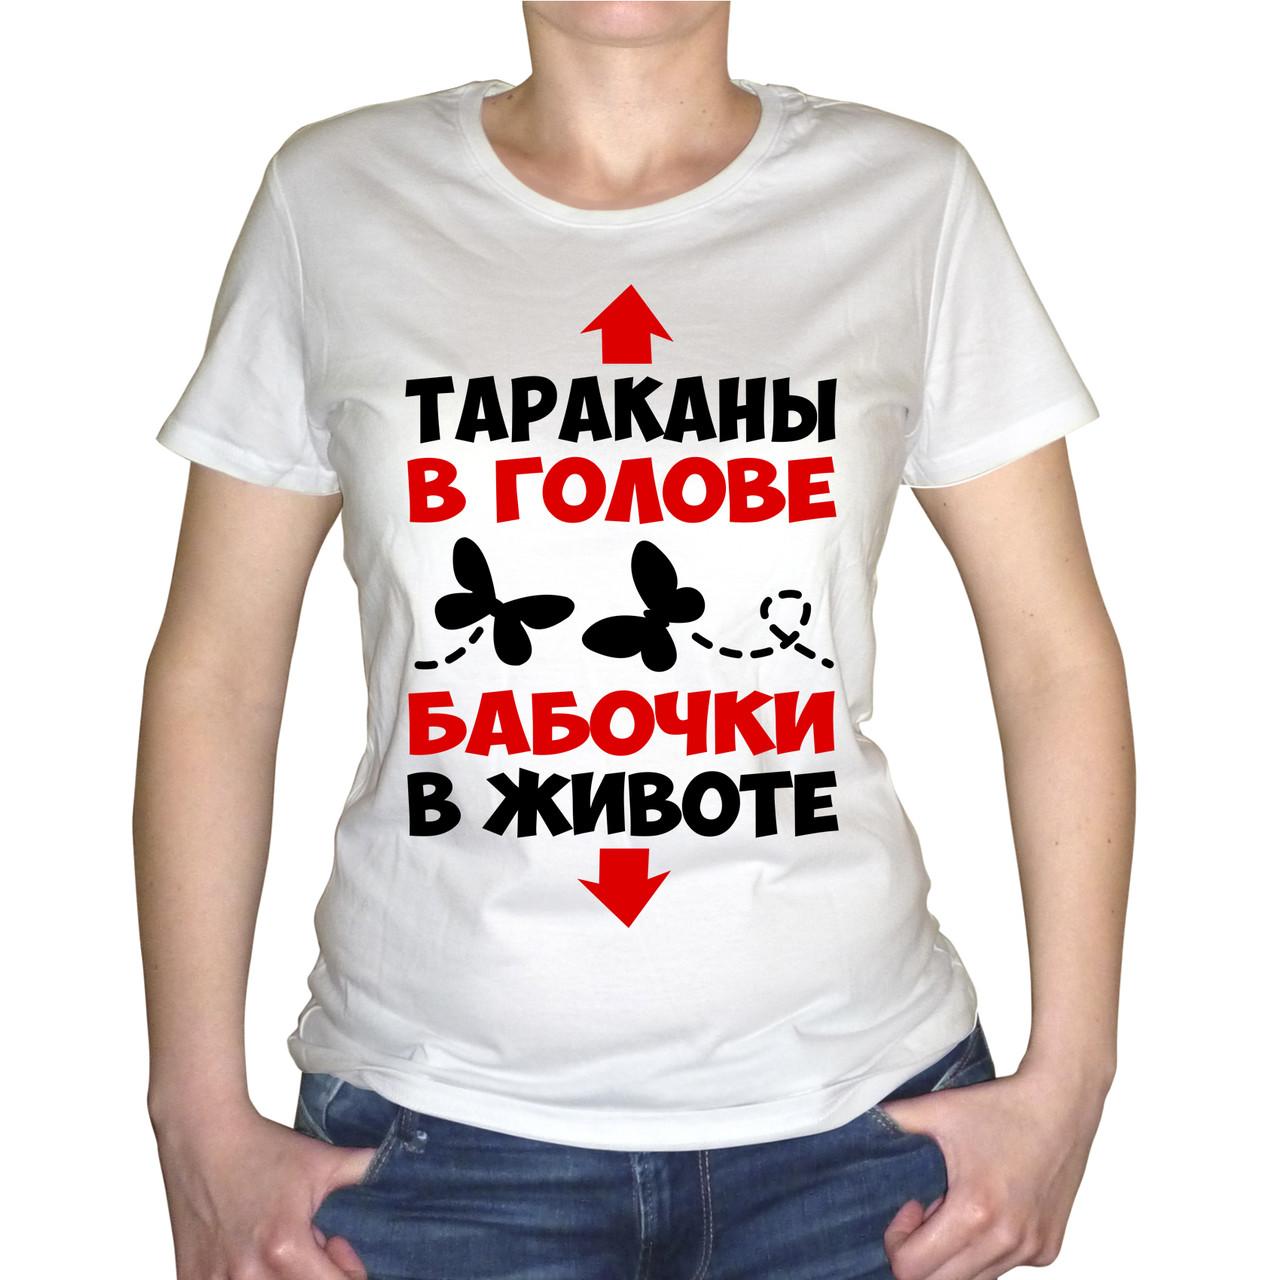 """Женская футболка """"Тараканы в голове, бабочки в животе"""""""